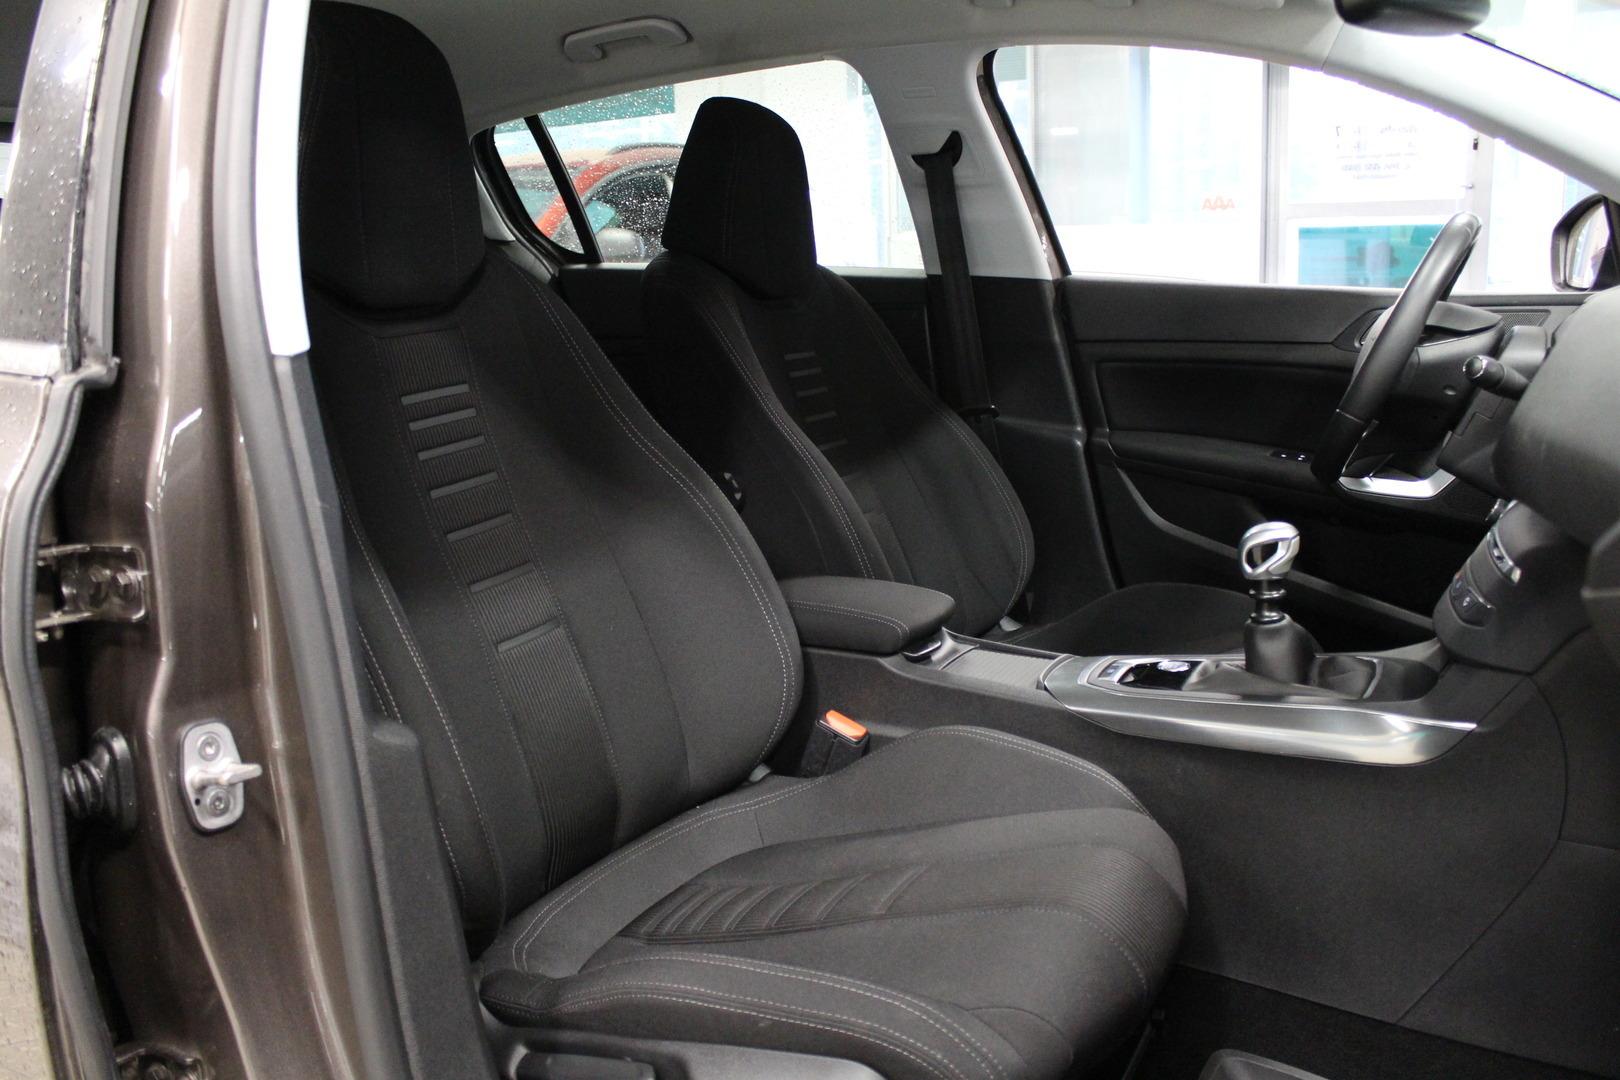 Peugeot 308, Allure e-HDi 115 FAP #2-Omisteinen #Adaptiivinen Vakionopeudensäädin **Juuri tullut**